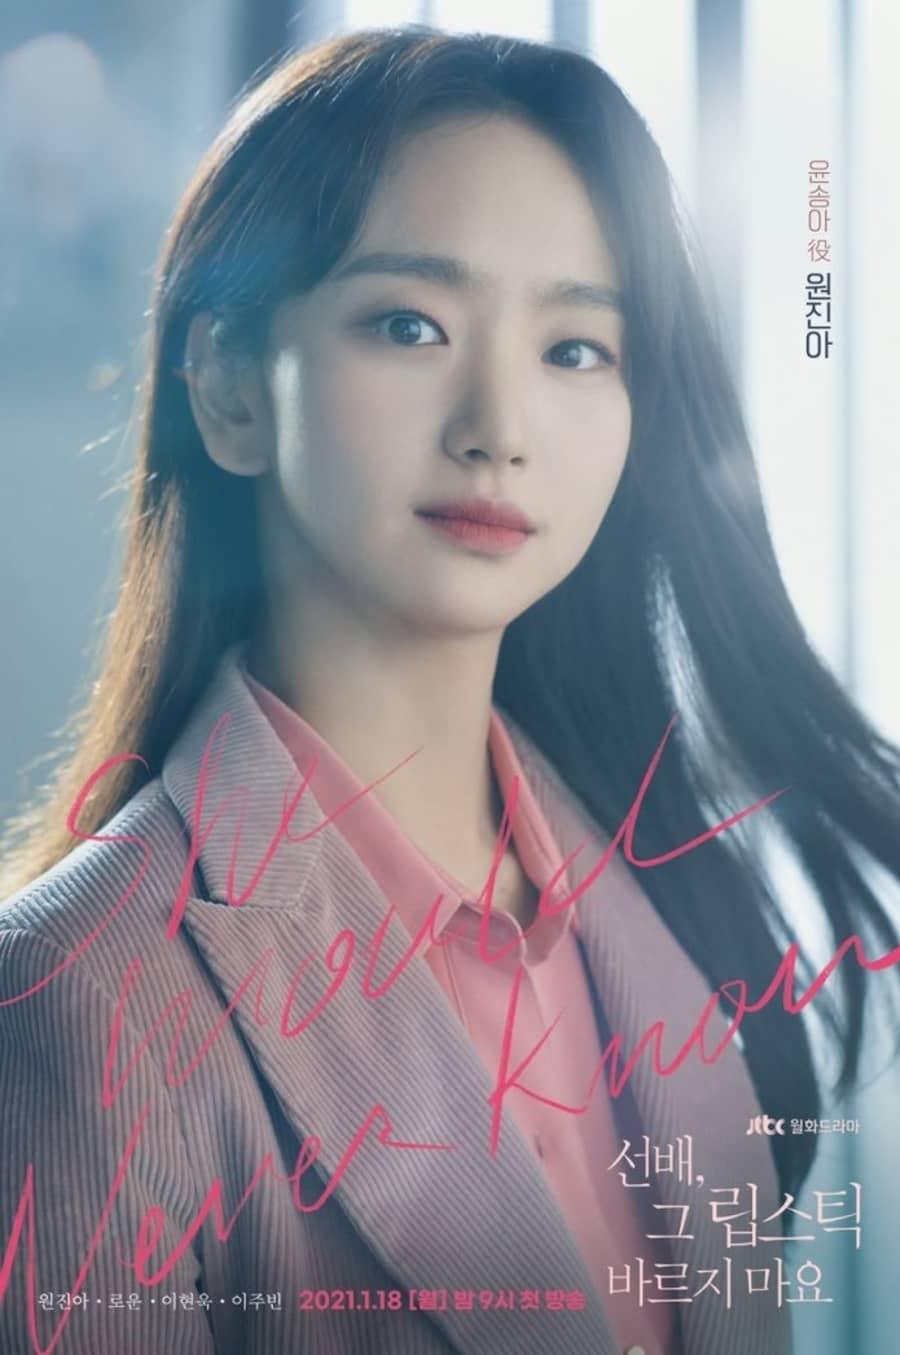 วอนจินอา รับบท ยุนซงอา